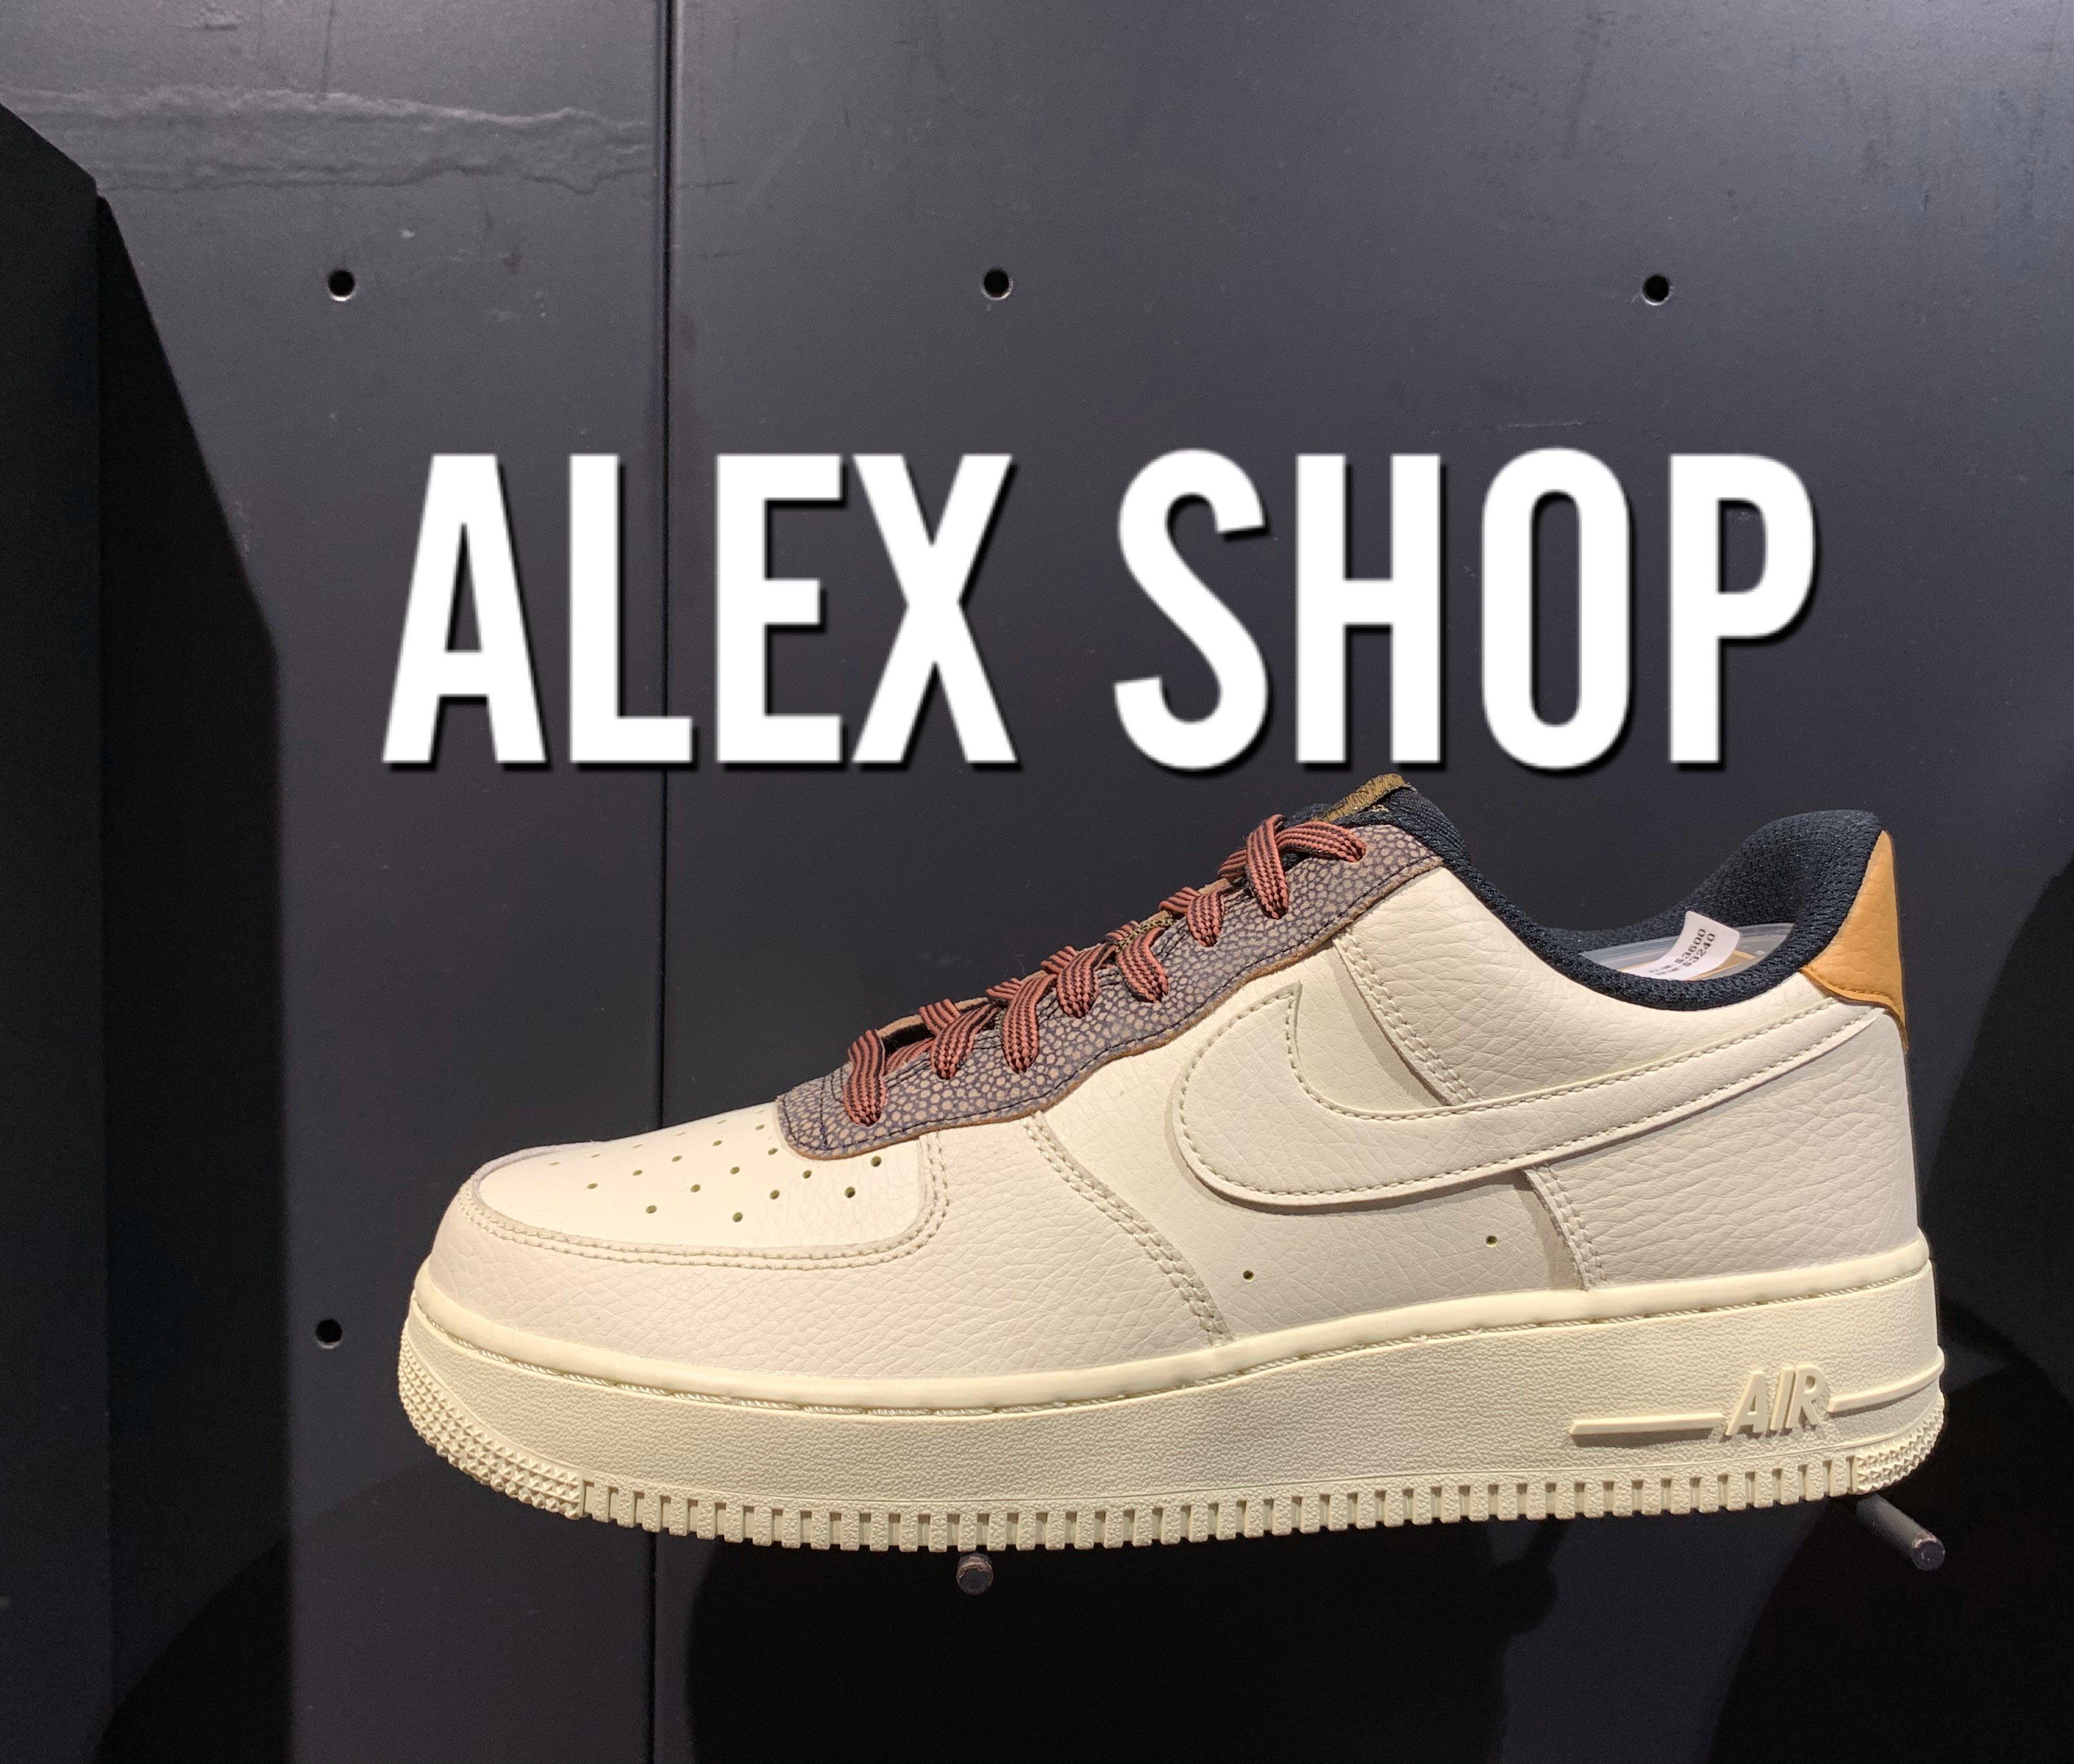 艾力克斯 NIKE AIR FORCE 1 07 LV8 4 男 CK4363-200 米白皮革 休閒藍球鞋